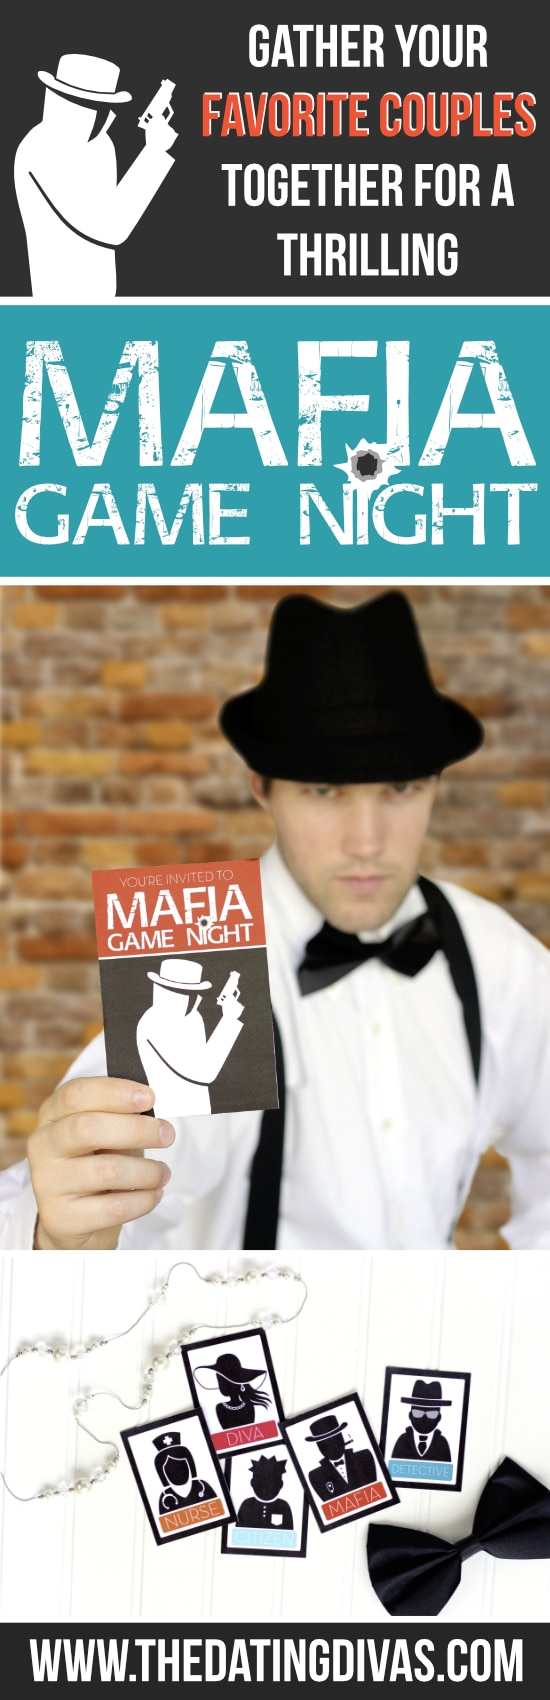 Mafia Game Night